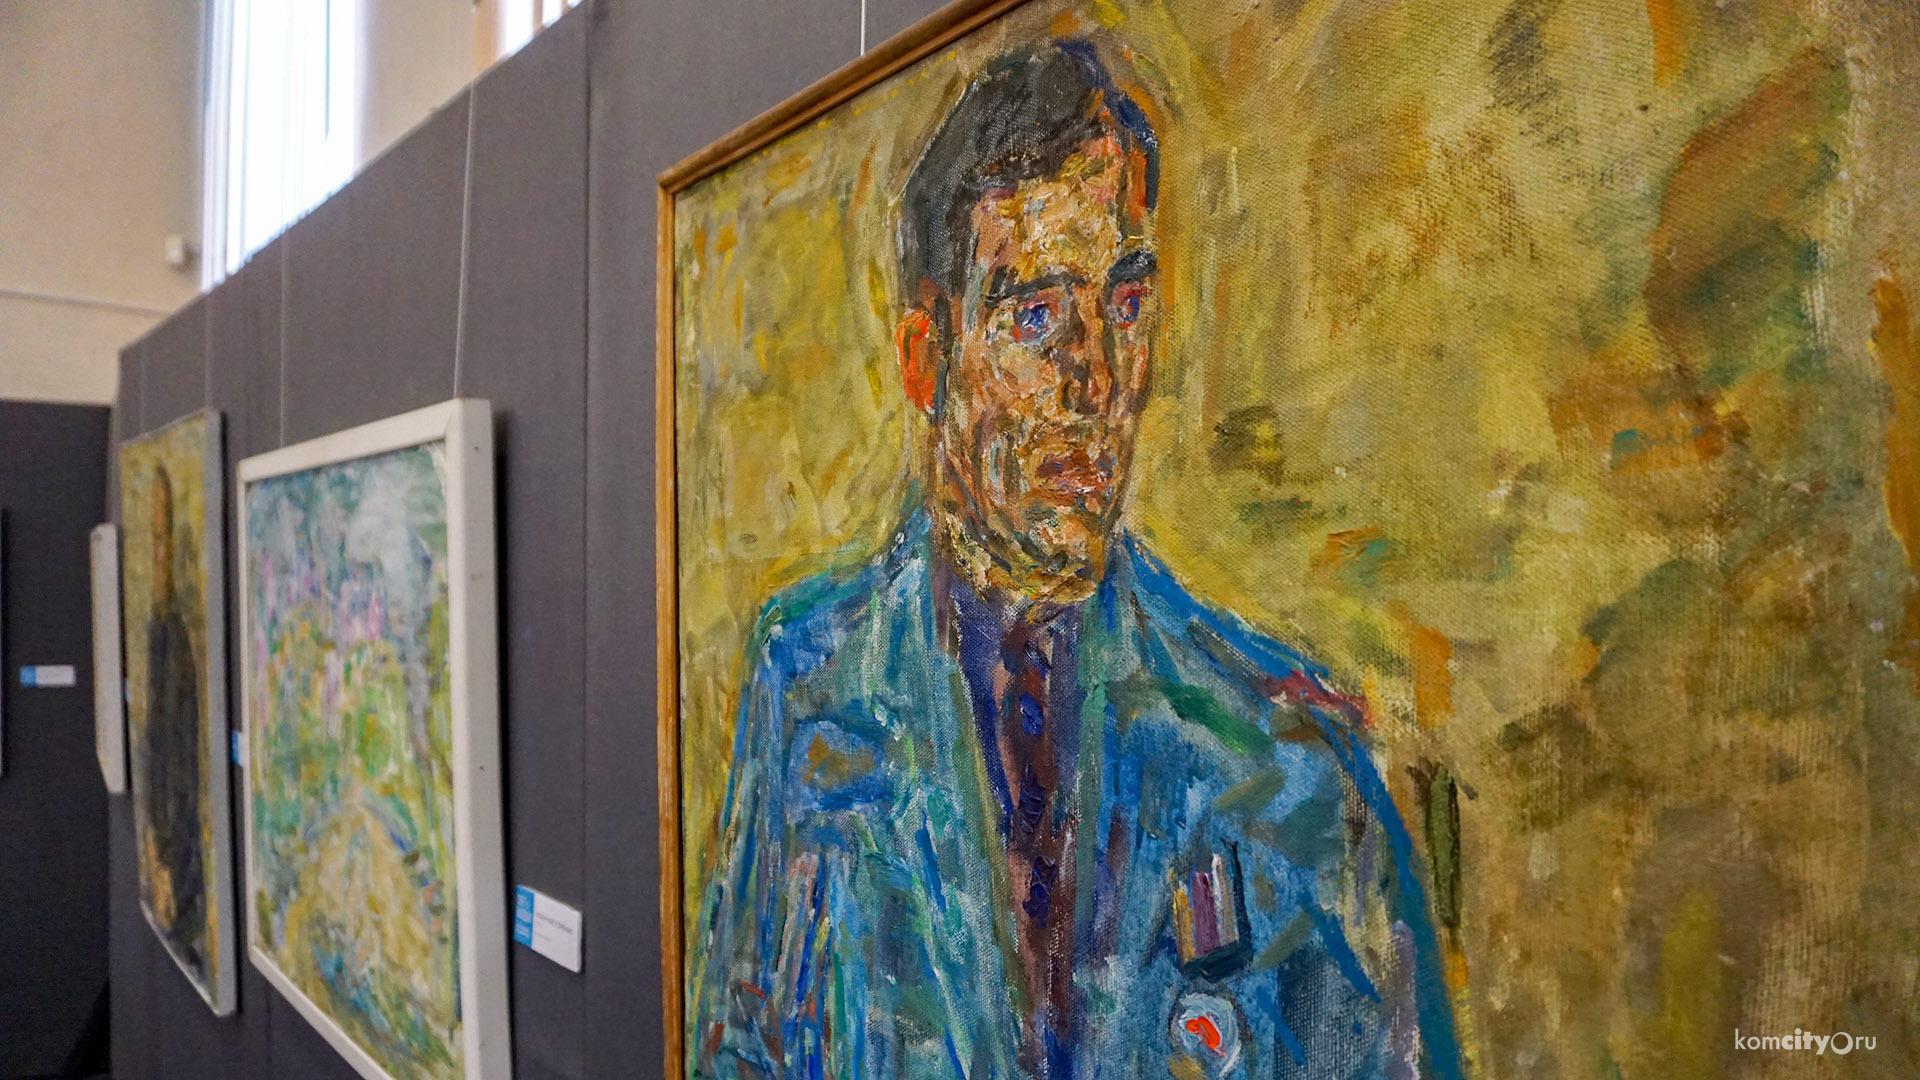 В Комсомольском-на-Амуре Музее изобразительных искусств открылась выставка «Свет и воздух» Валентины Диффинэ-Кристи